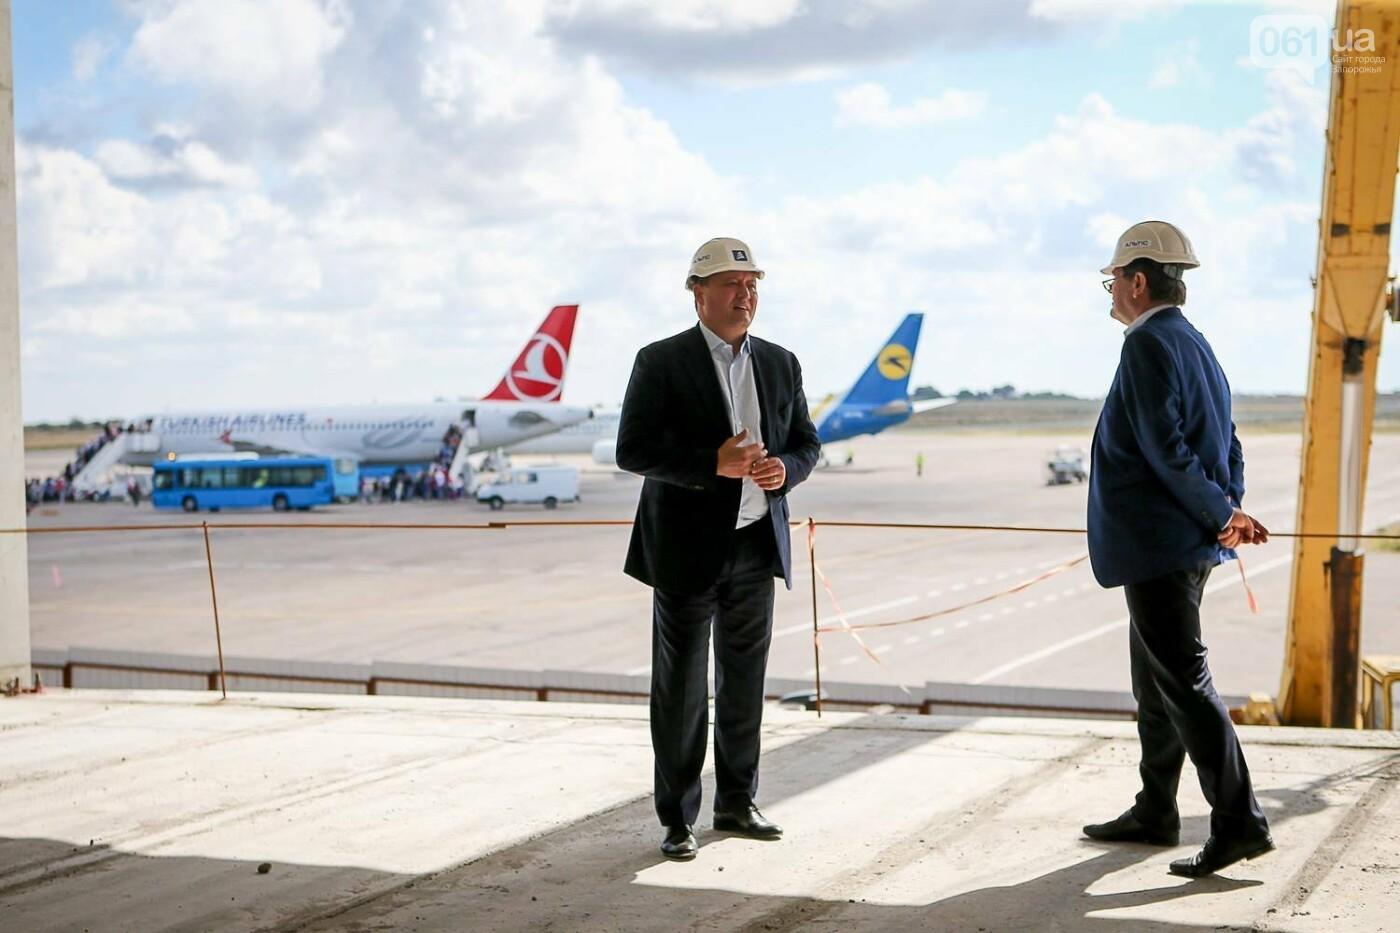 Строительство нового терминала запорожского аэропорта в фотографиях и цитатах, фото-34